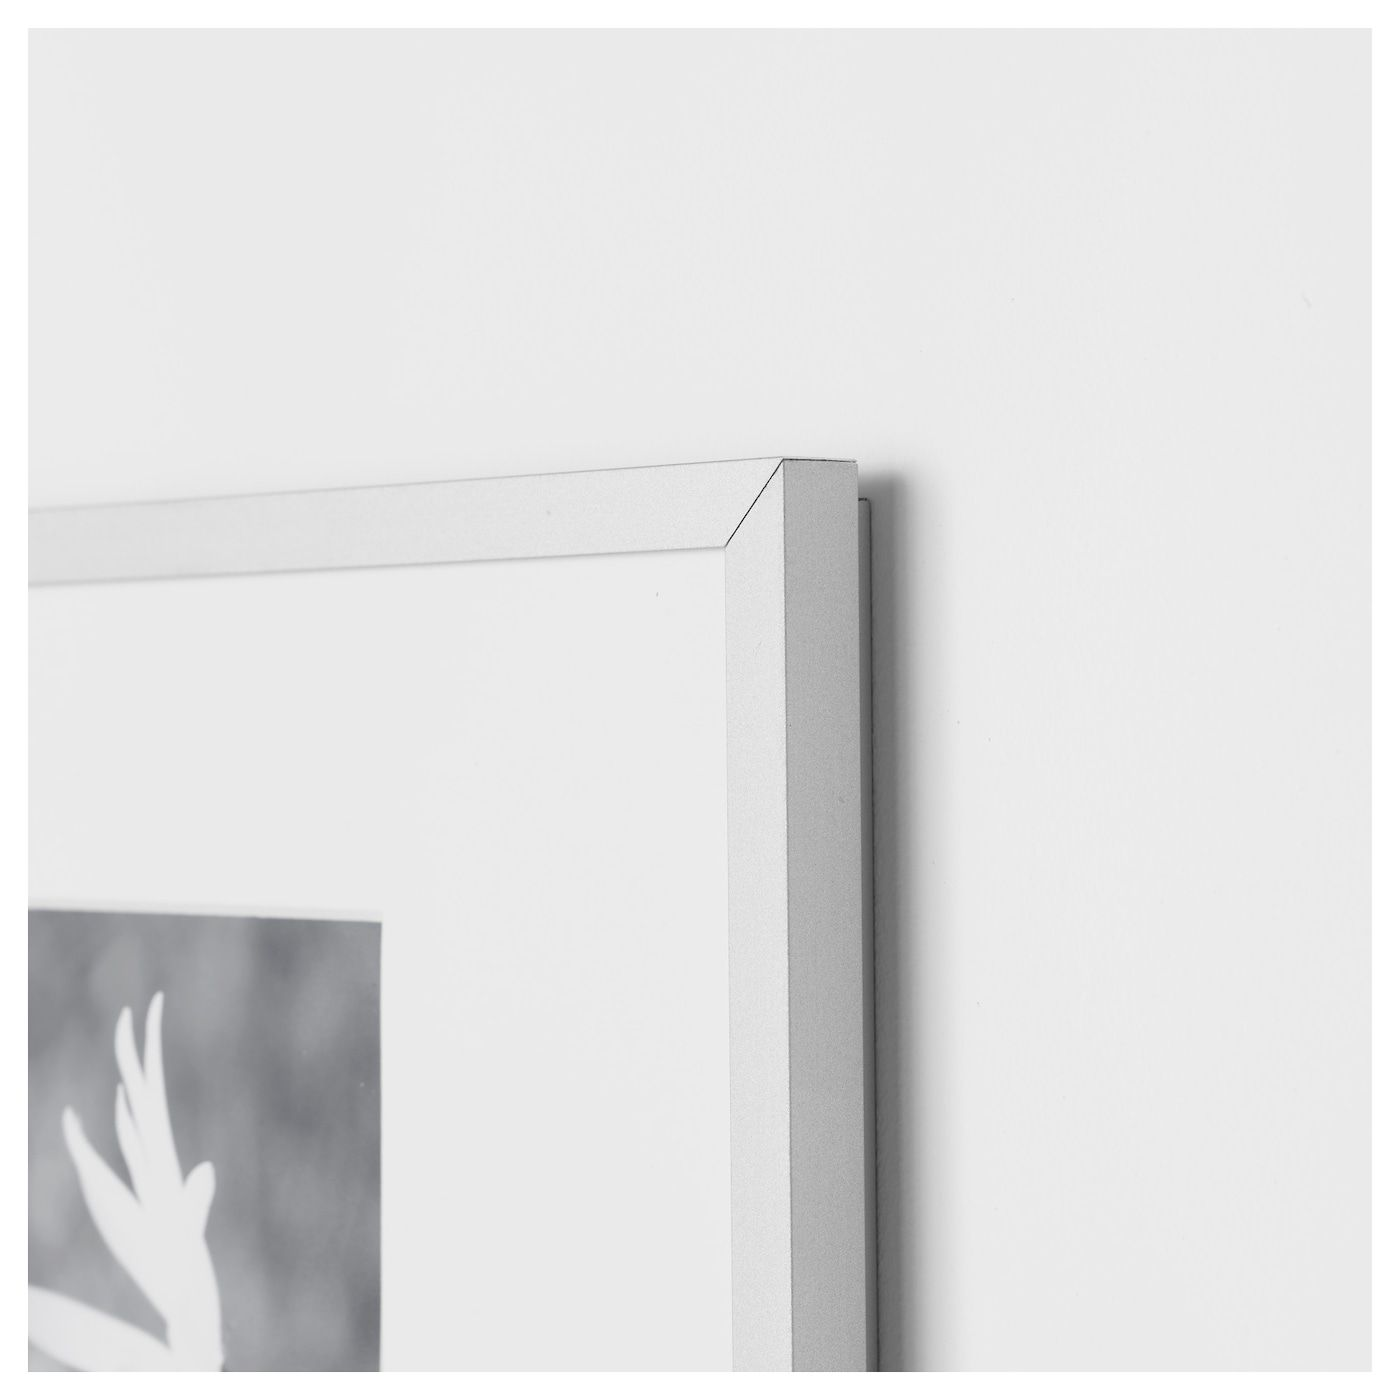 Lomviken Frame Aluminum 16 X20 41x51 Cm Ikea Photo Frames Frame Frames On Wall